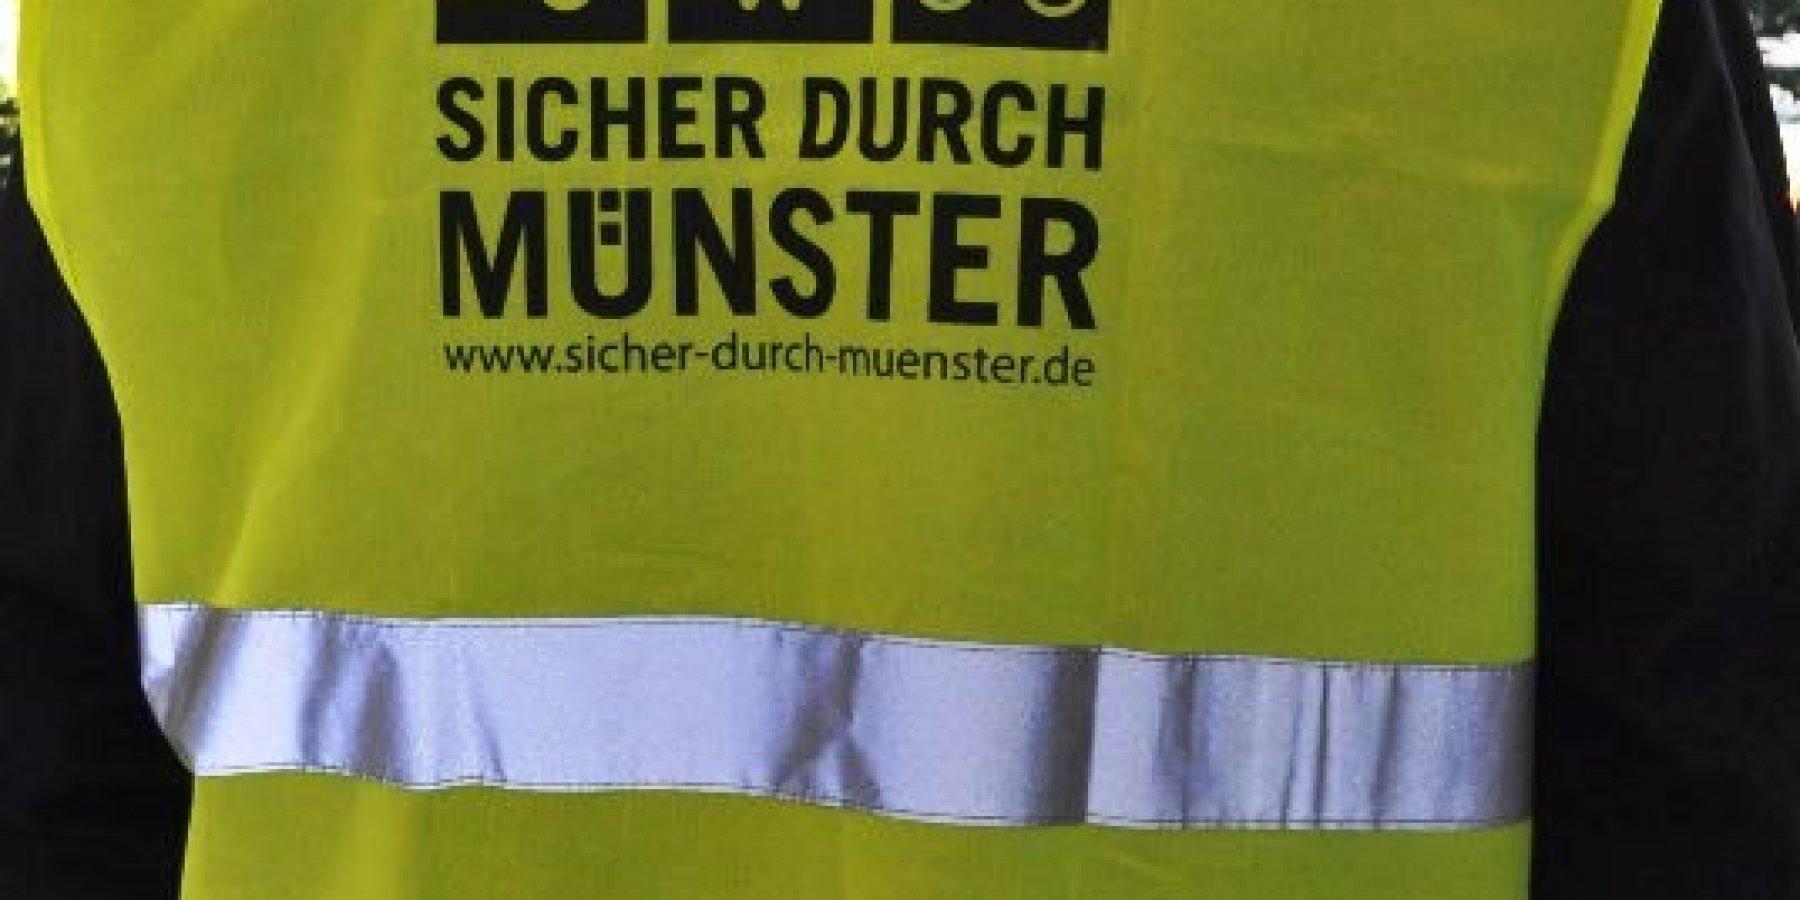 Sicher durch Münster in der dunklen Jahreszeit